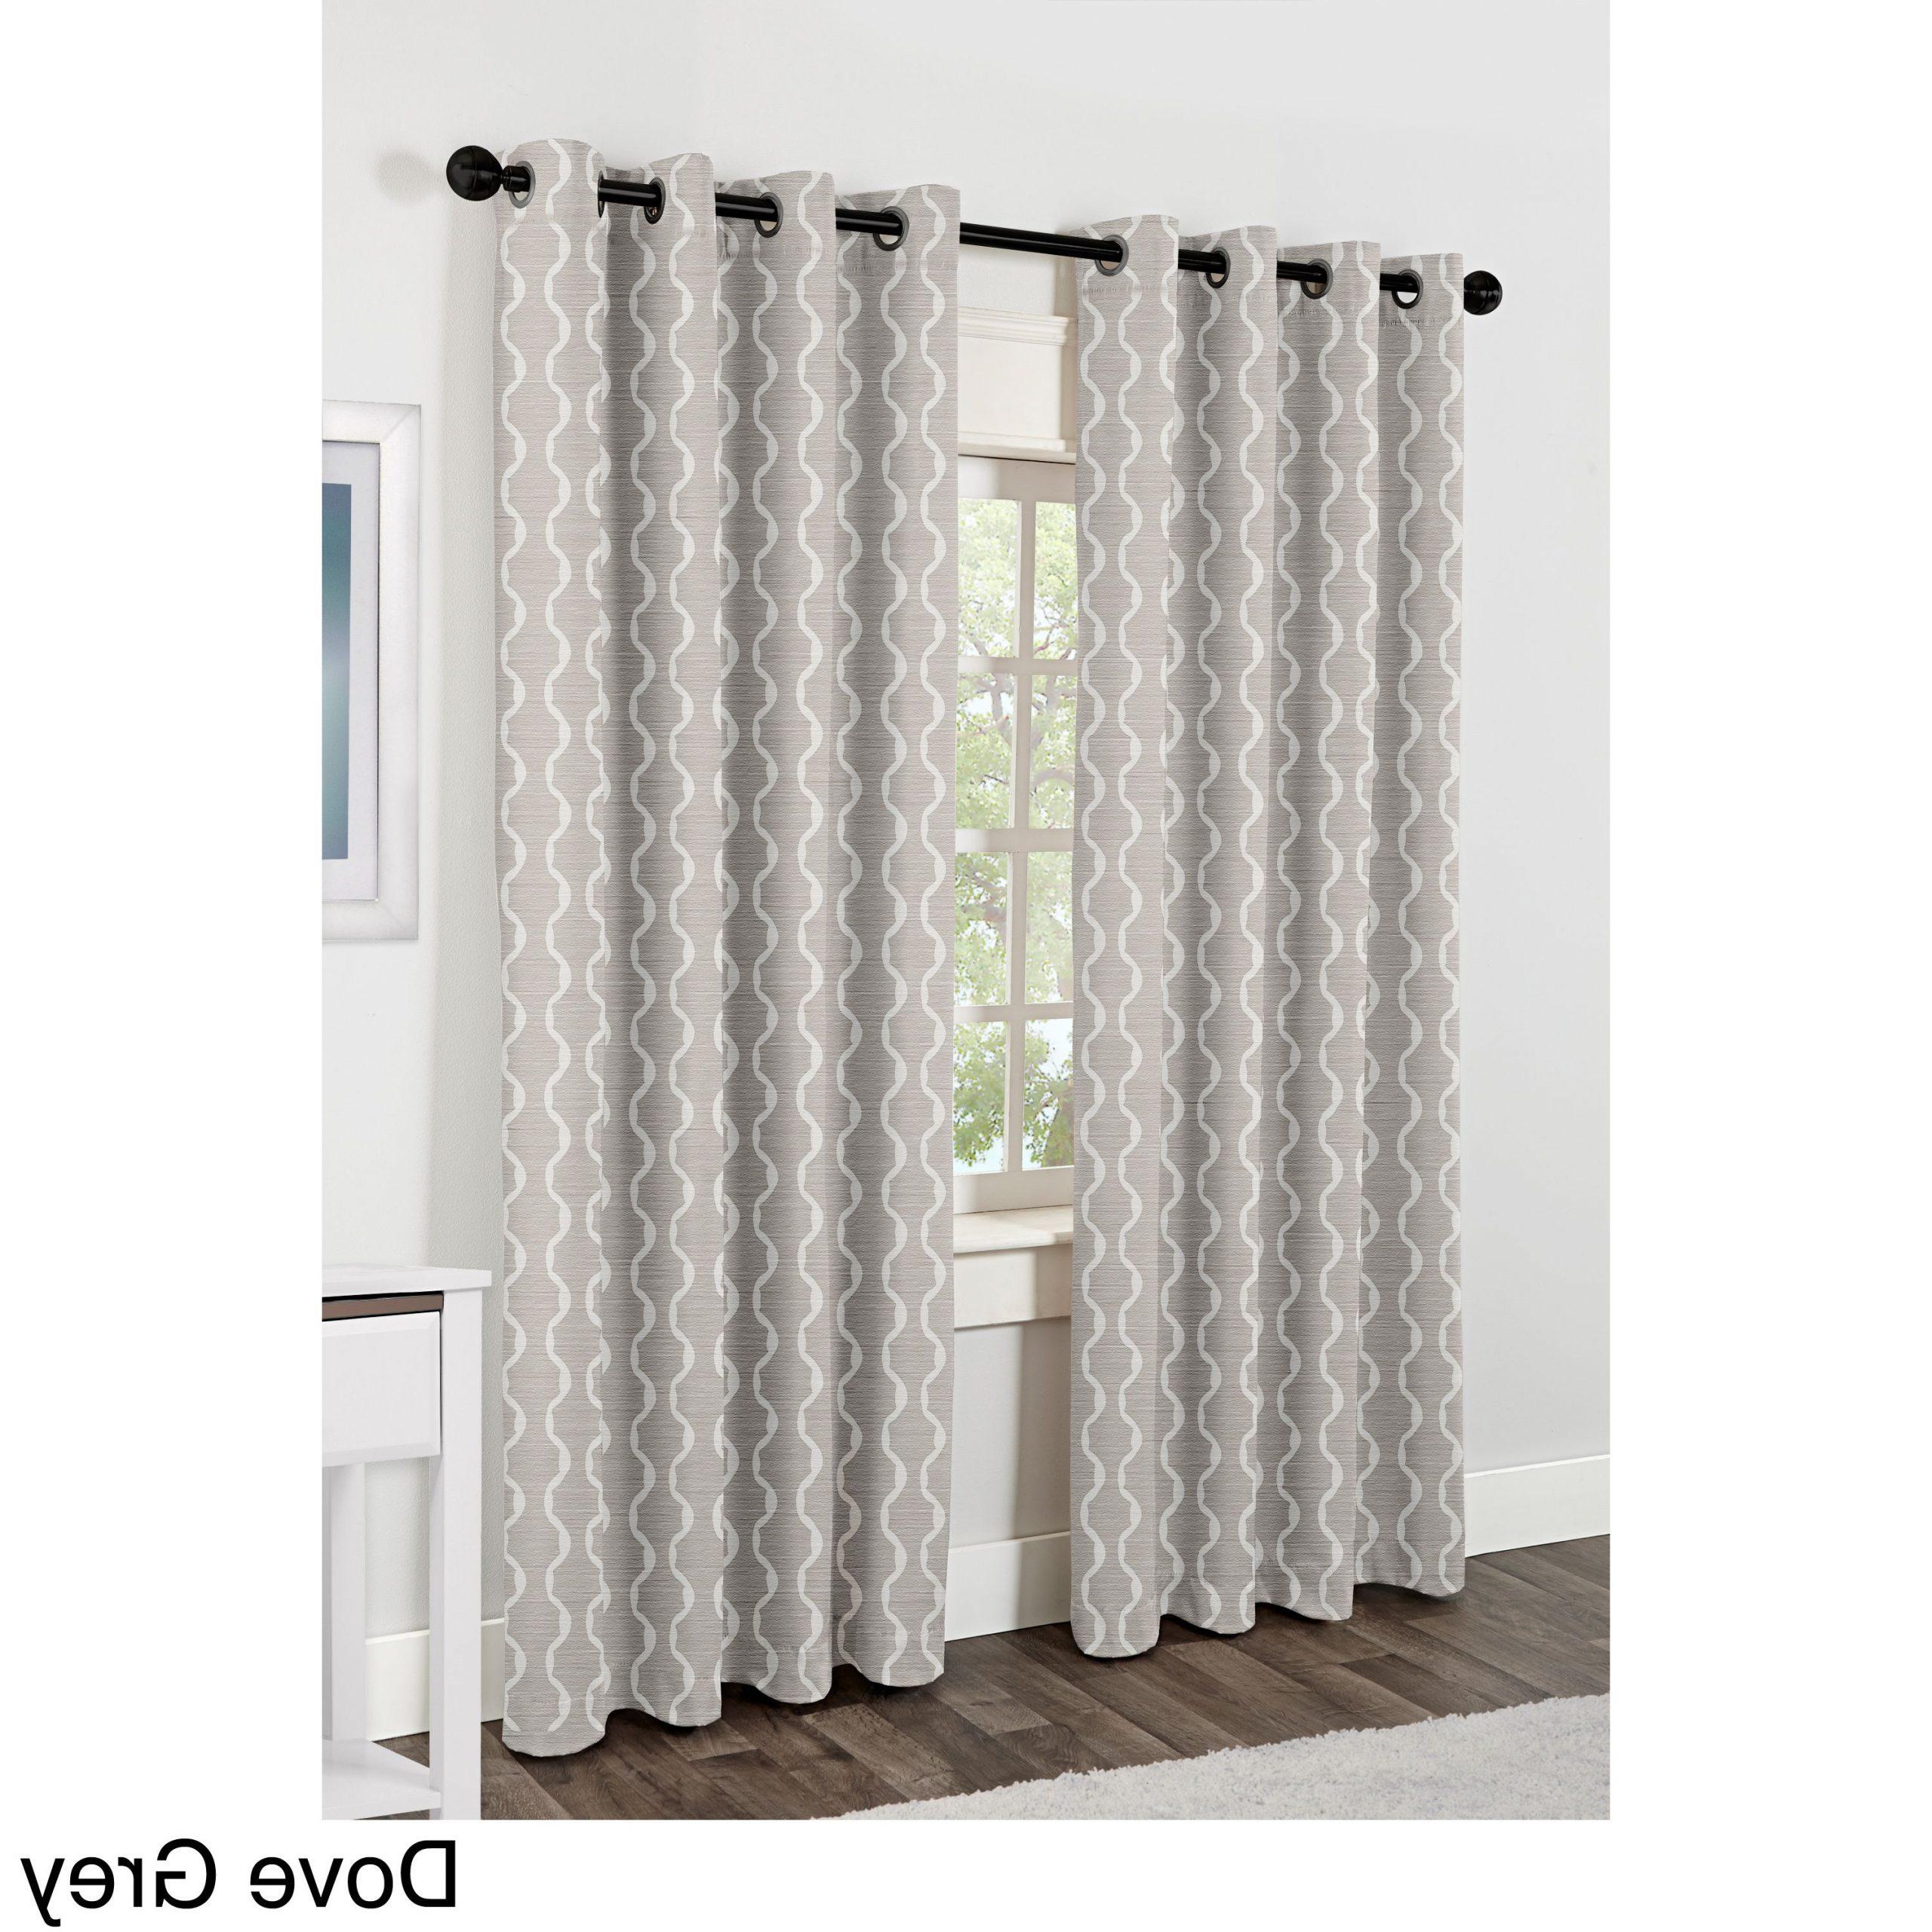 Baroque Linen Grommet Top Curtain Panel Pairs Within Most Recent Ati Home Baroque Linen Grommet Top Curtain Panel Pair (View 5 of 20)